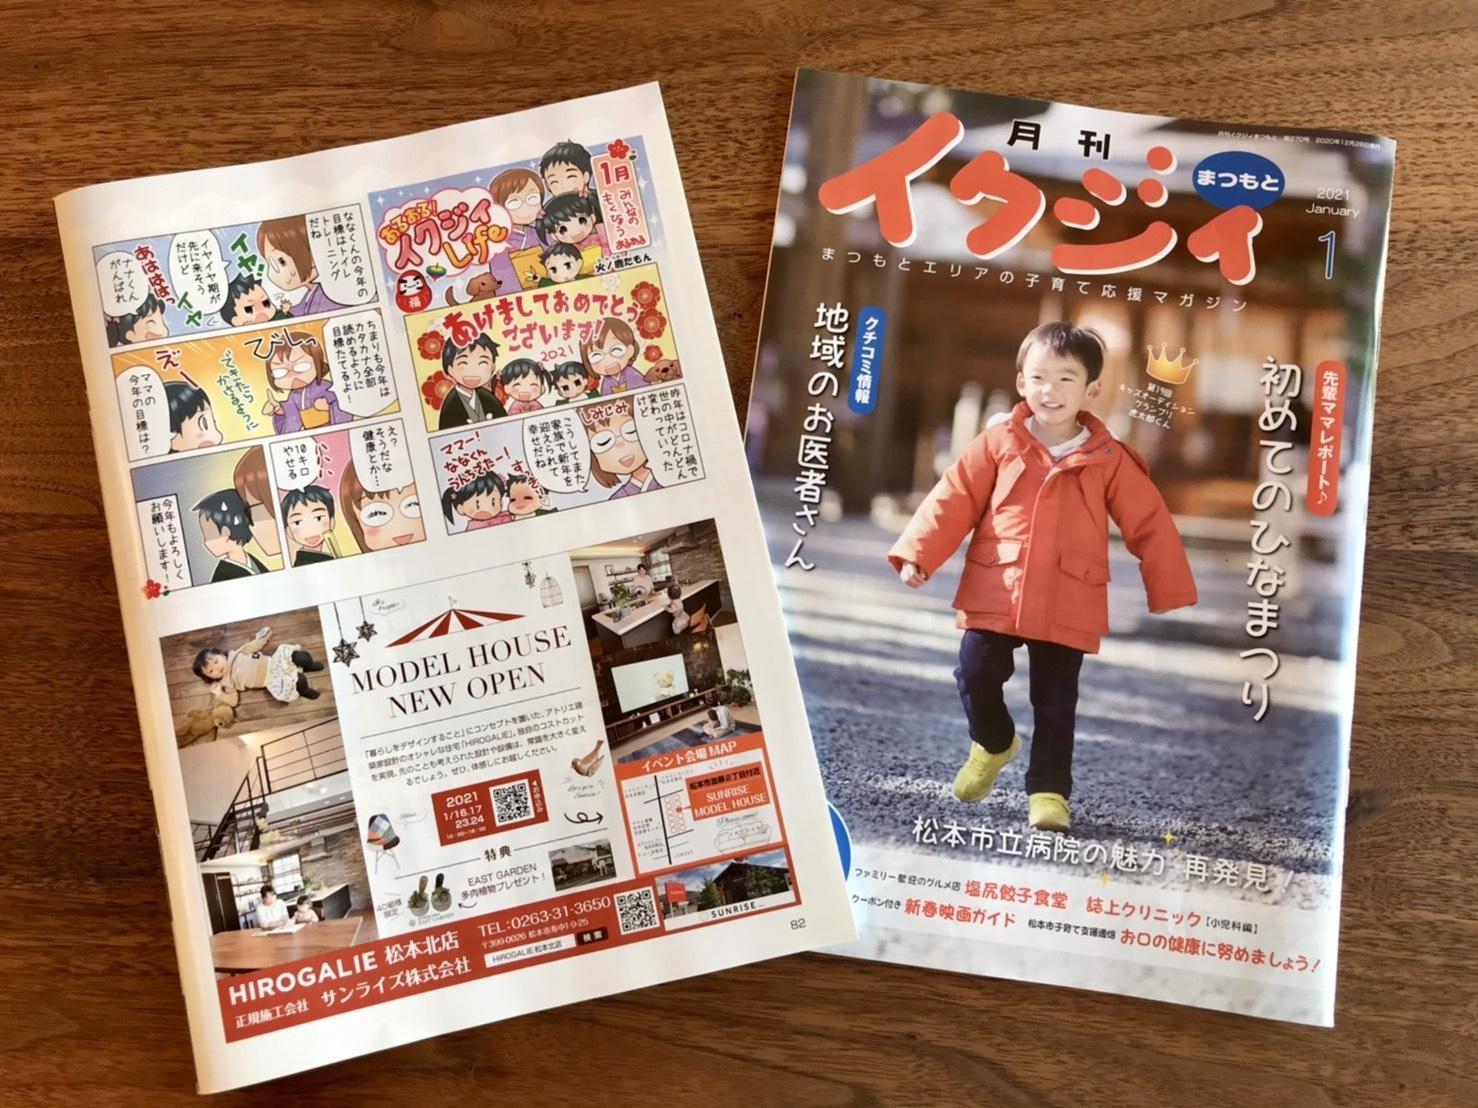 【掲載情報】『月刊イクジィ1月号』に広告掲載されました!